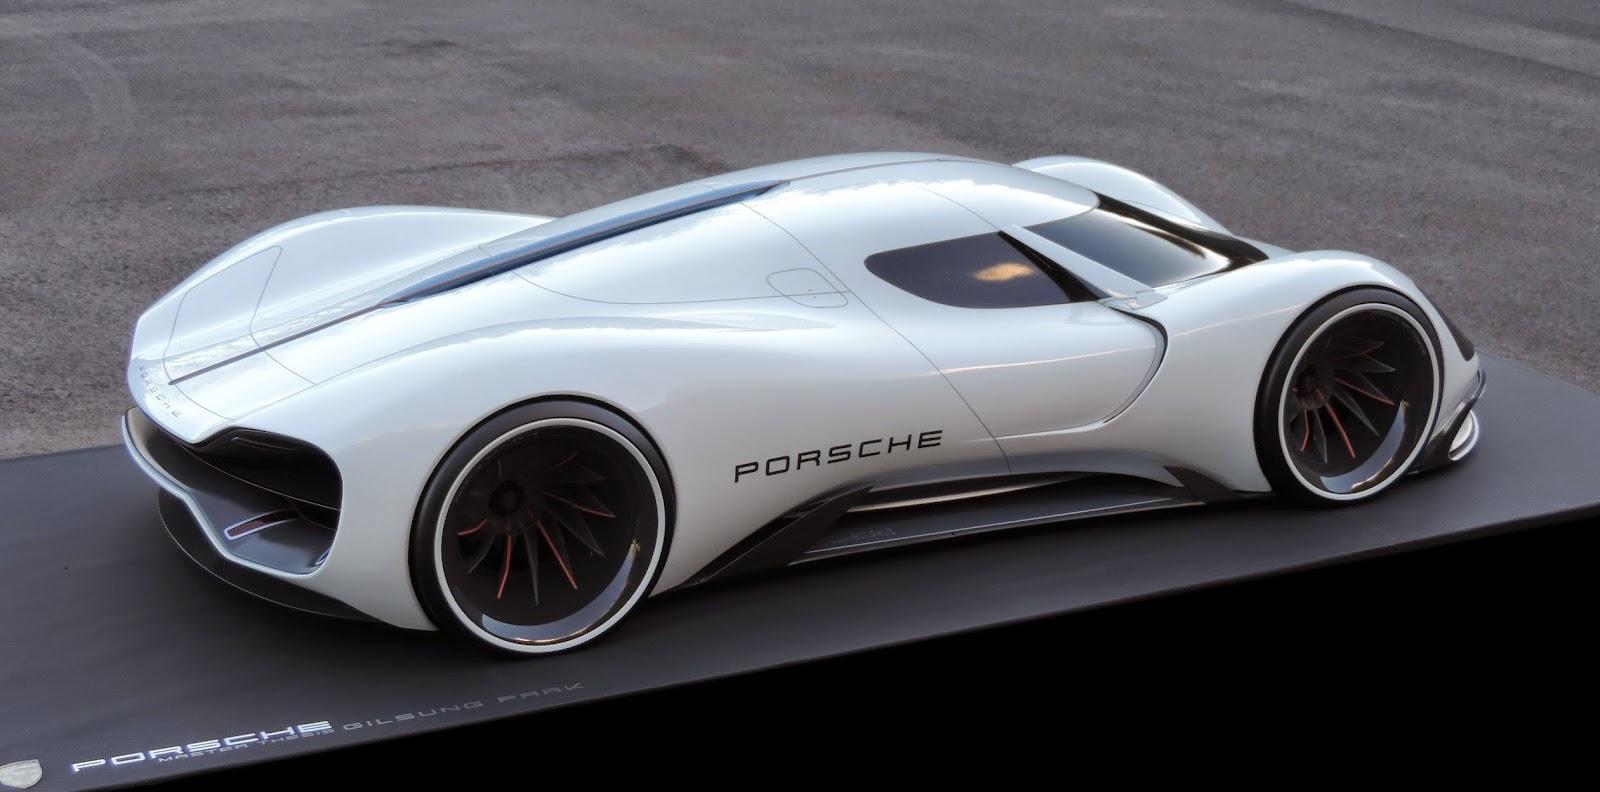 Monster Porsche Hurricane Concept Design: 1000+ Images About Concept Design On Pinterest